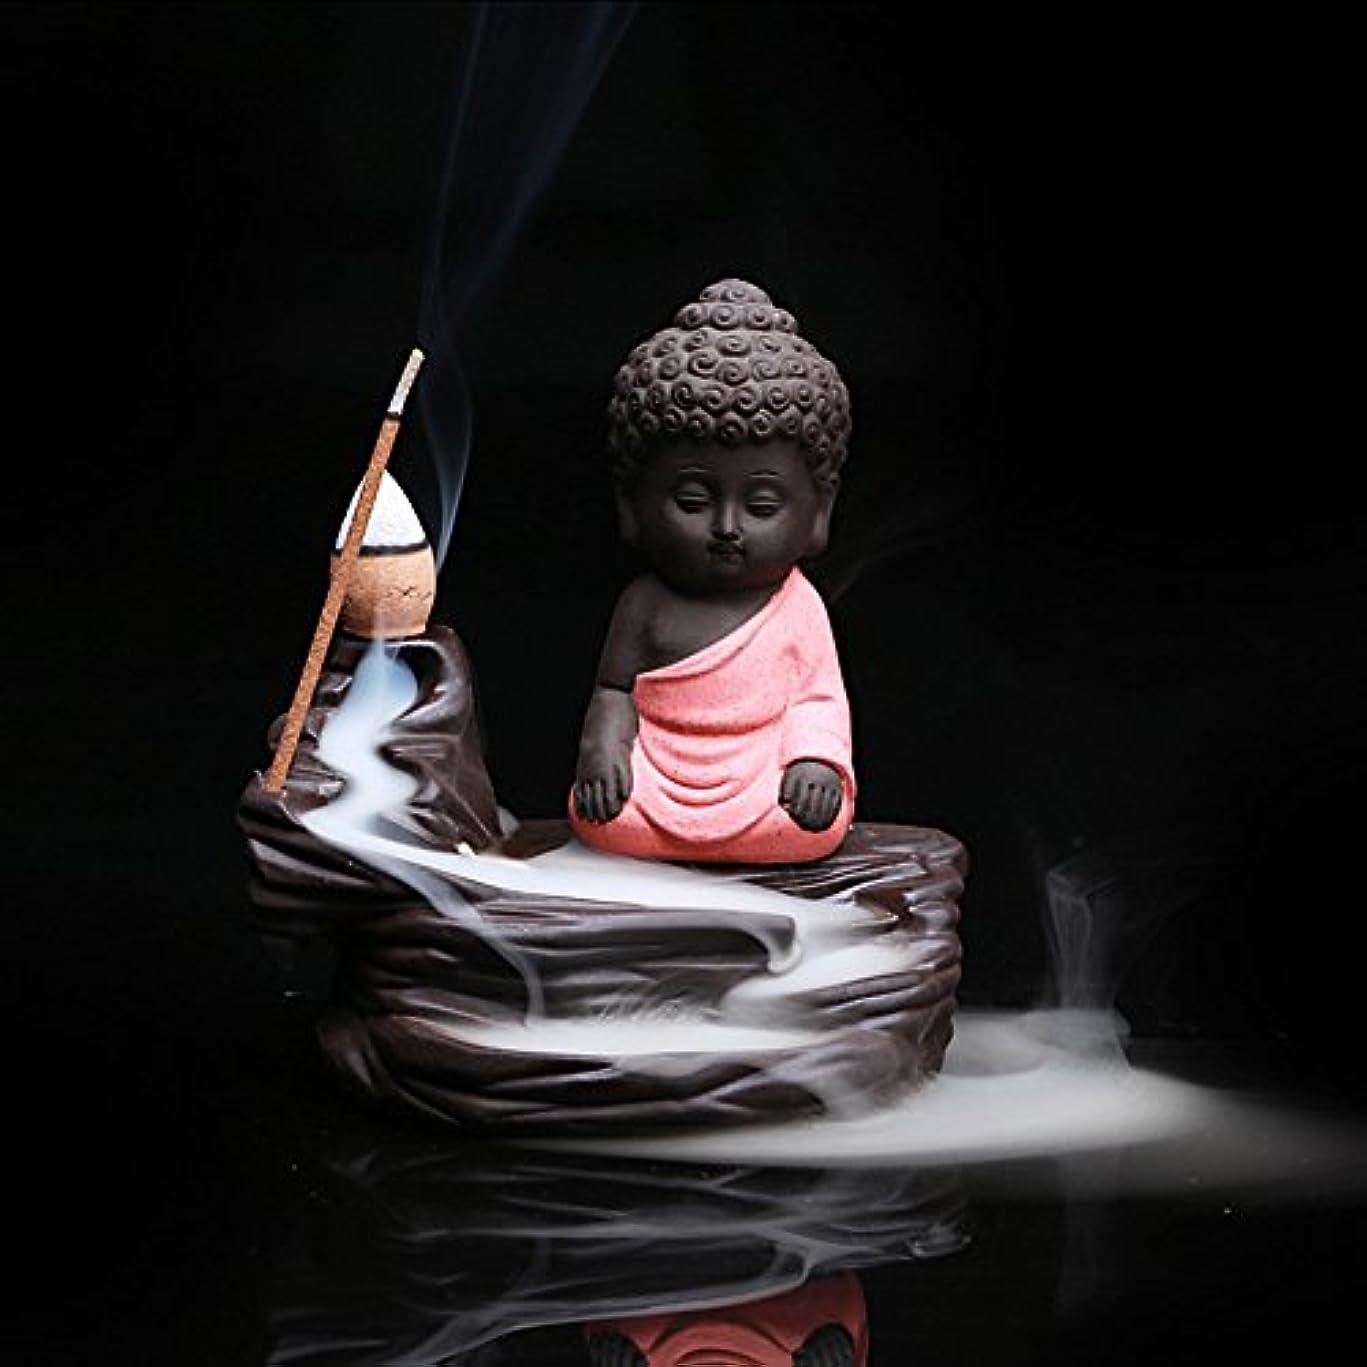 シャーロットブロンテ軽蔑するロッカークリエイティブ逆流香炉コーンスティックホルダーSmall BuddhaセラミックCenserホーム部屋装飾 12.0*12.0*6.0cm レッド Colorado